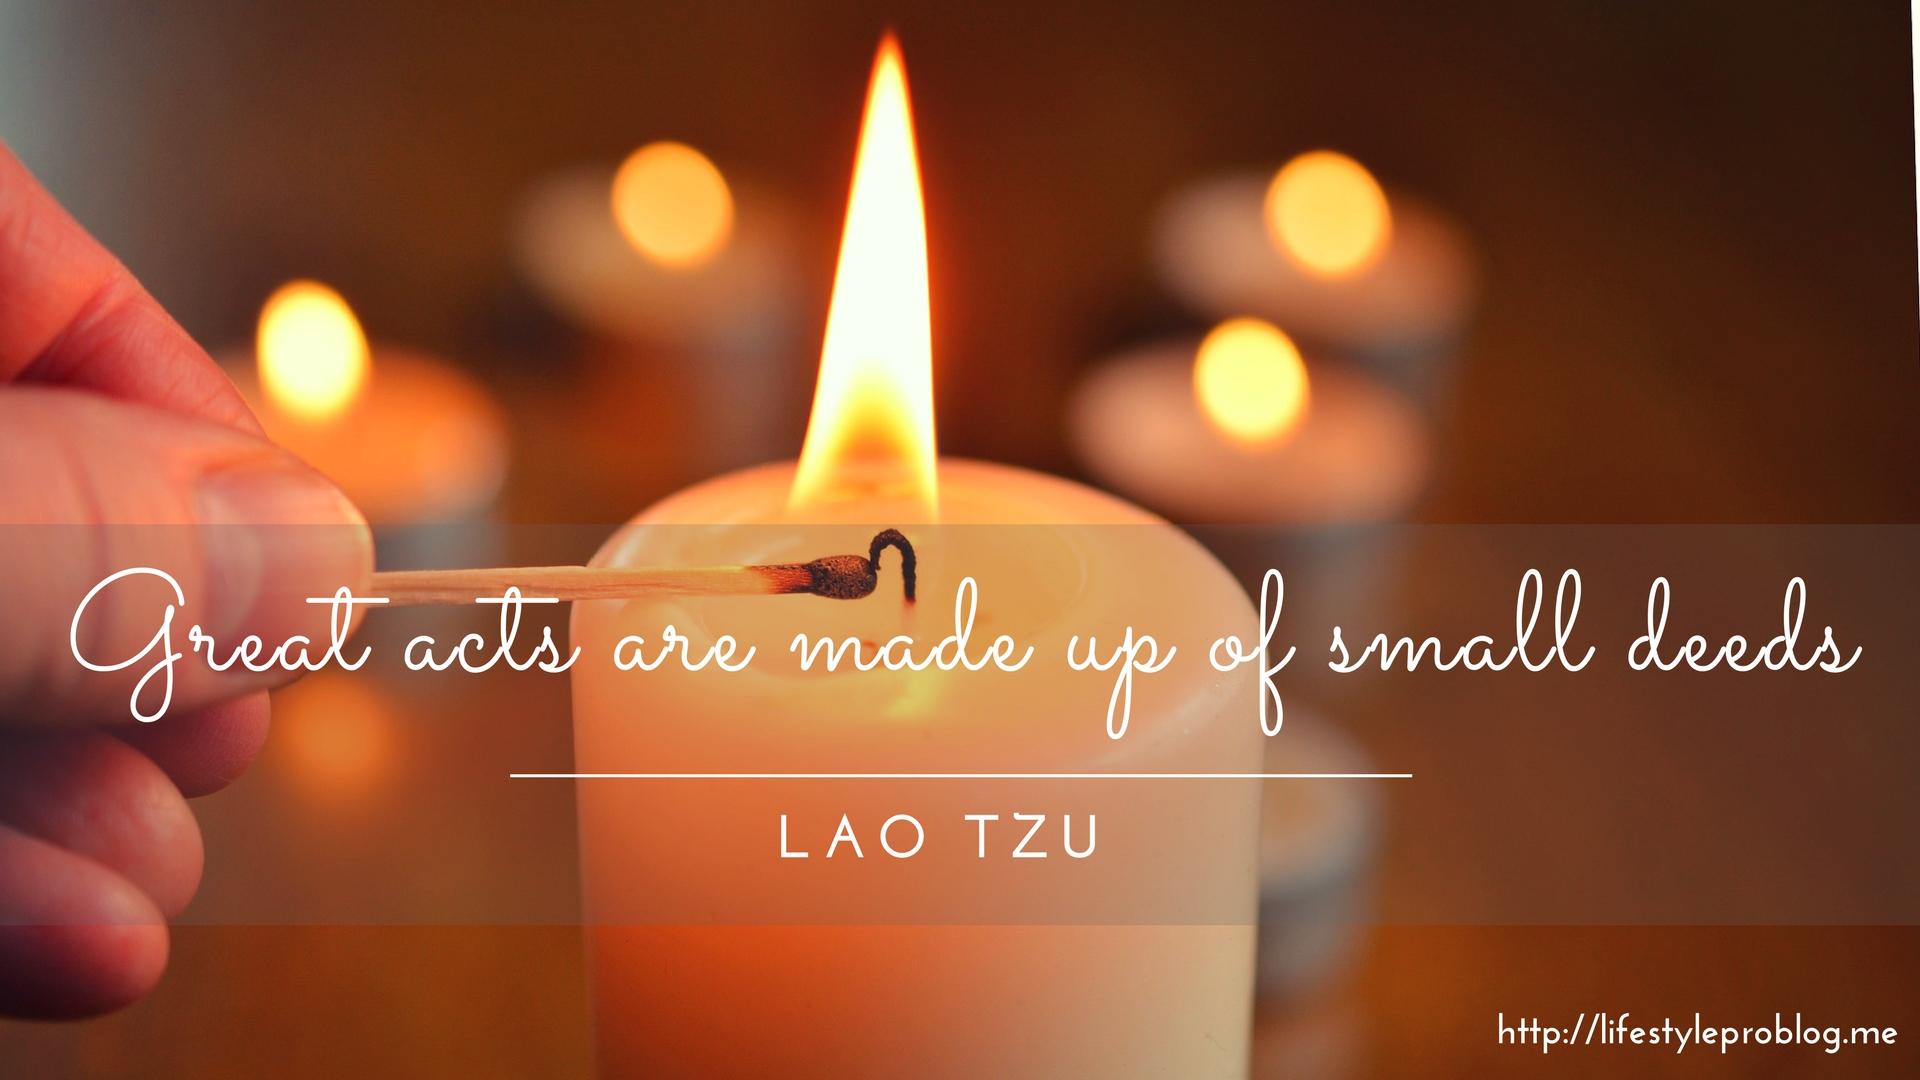 #AtoZChallenge : Lao Tzu Quote